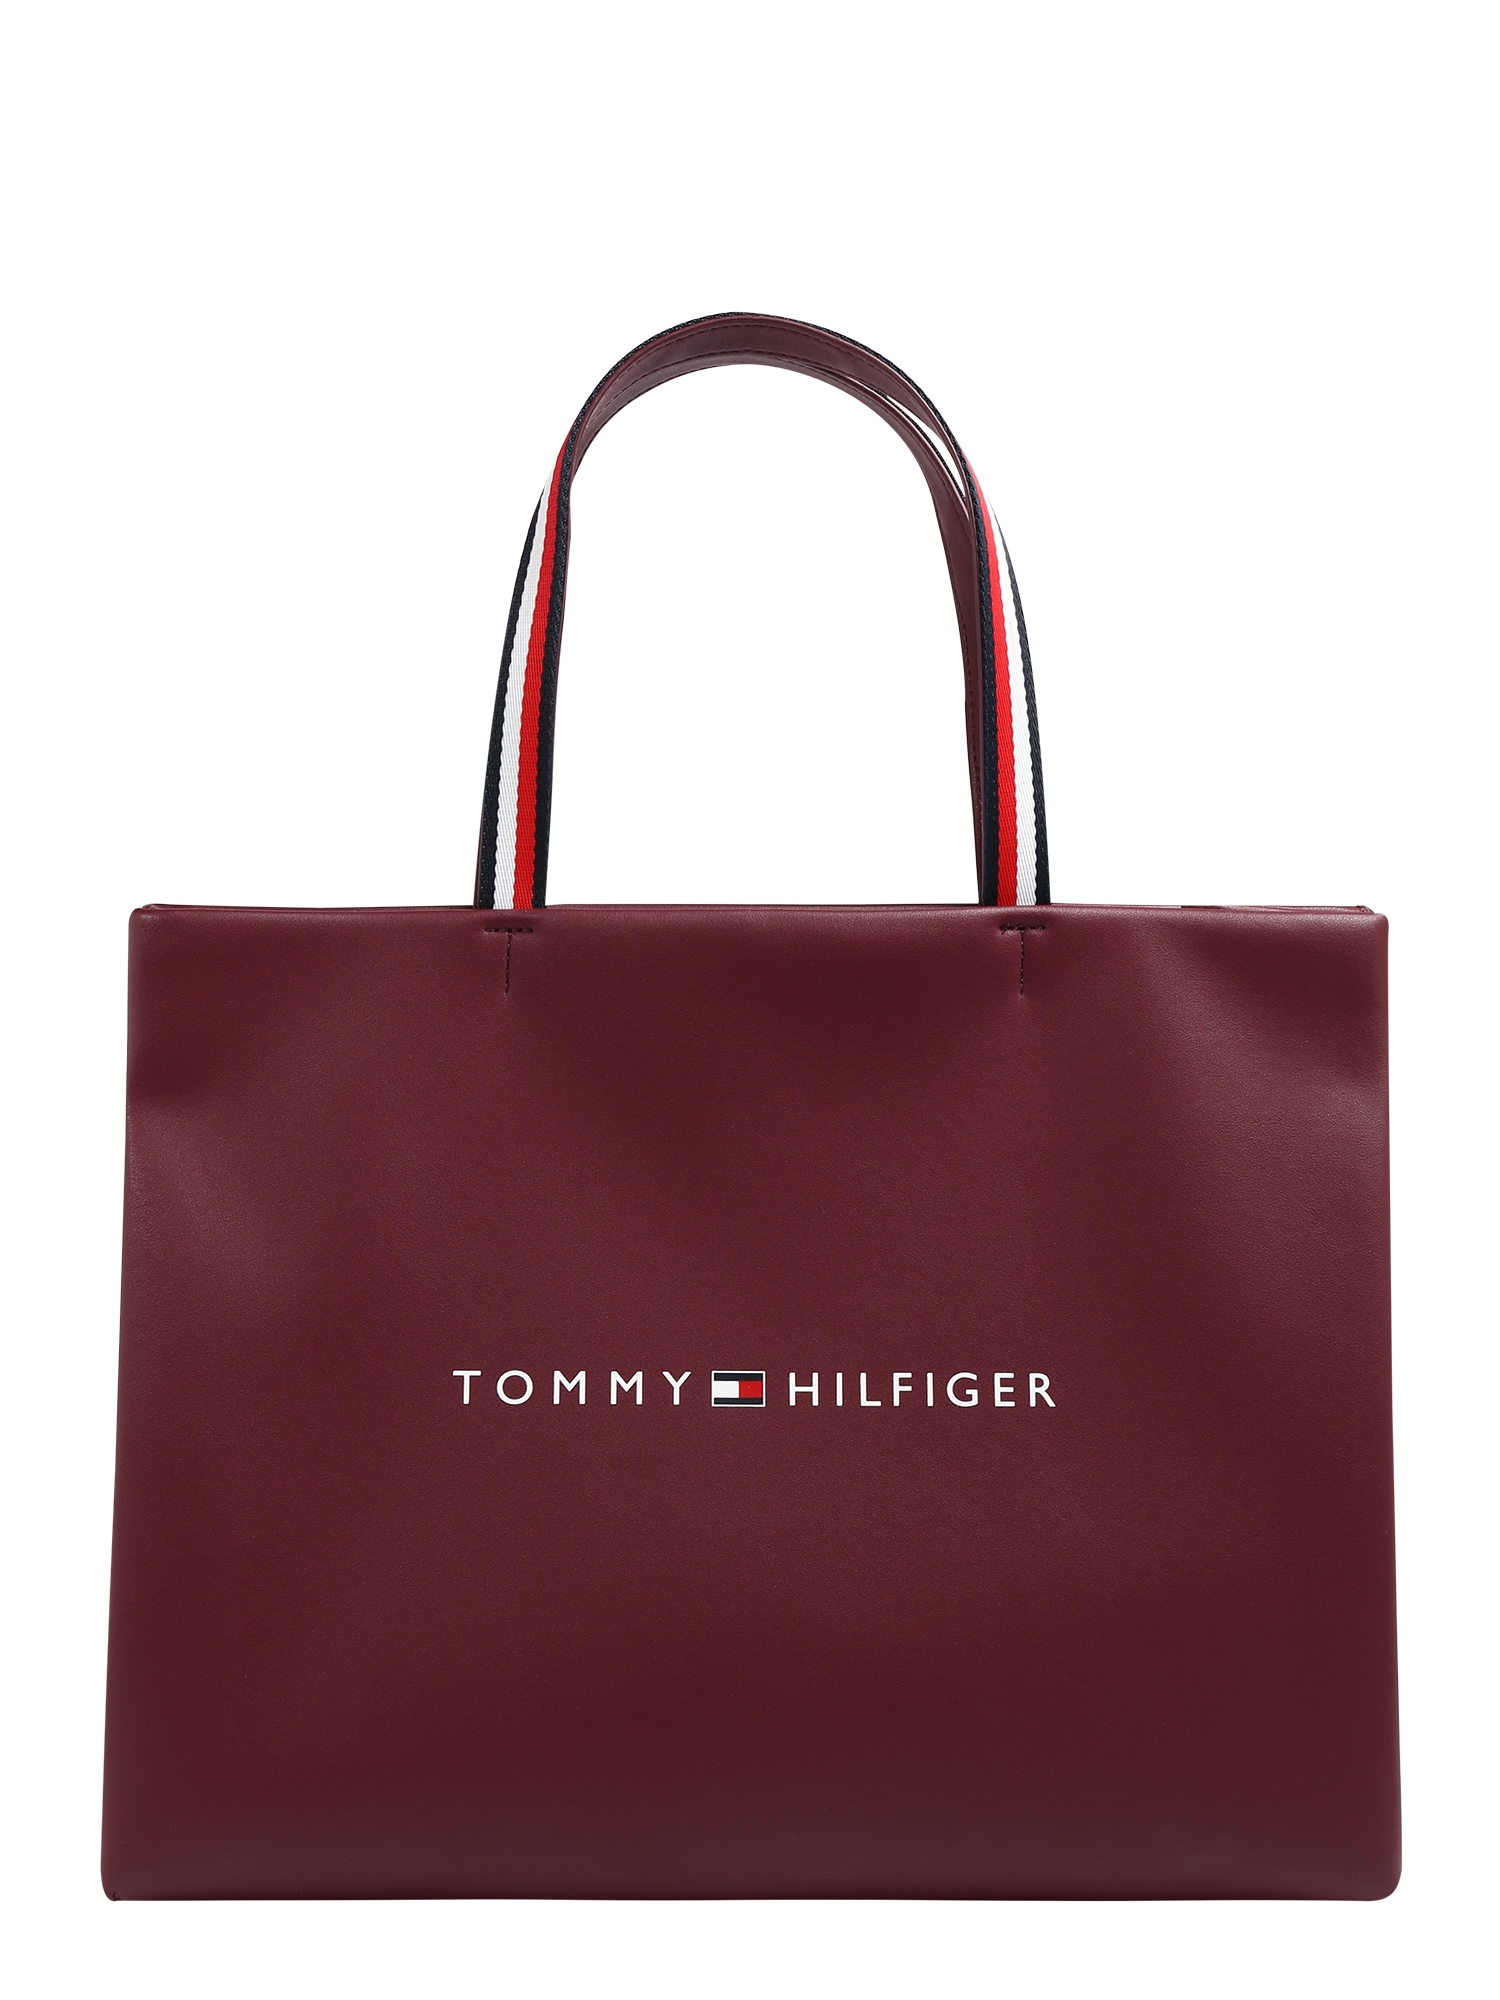 TOMMY HILFIGER Krepšys pastelinė raudona / balta / melionų spalva / tamsiai mėlyna